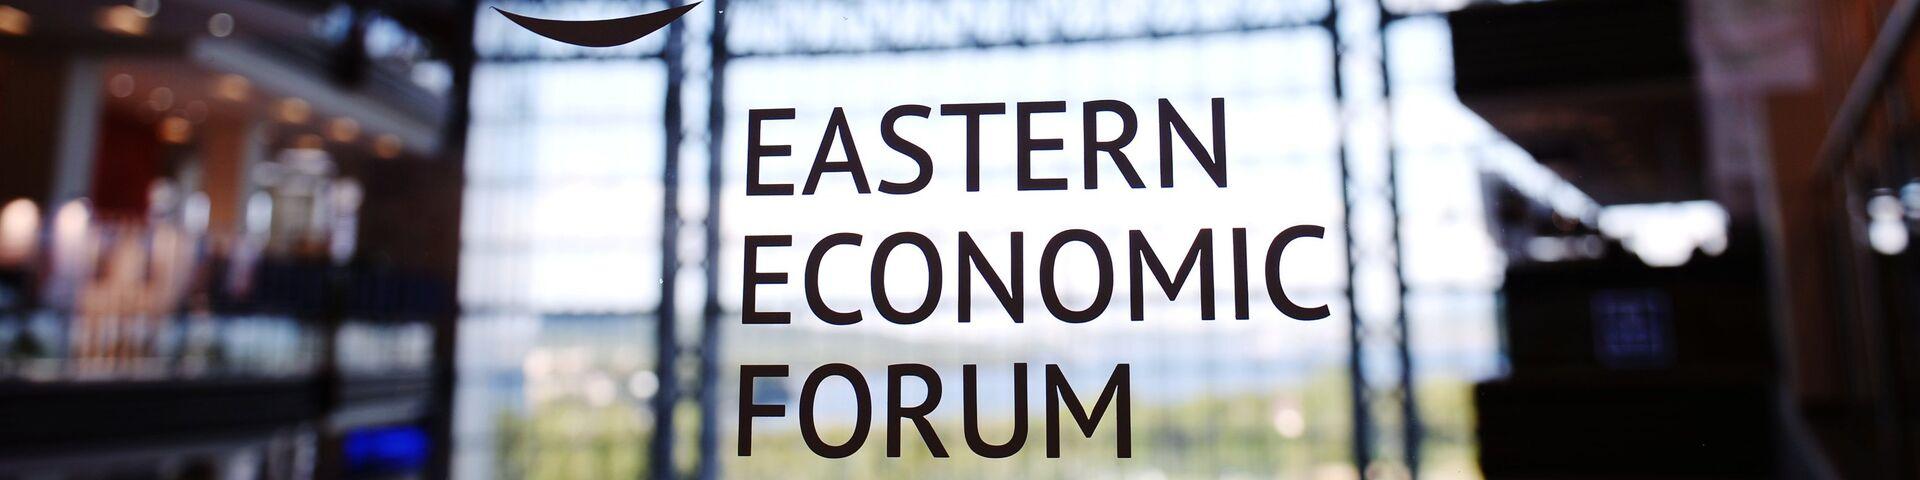 IV Восточный экономический форум - РИА Новости, 1920